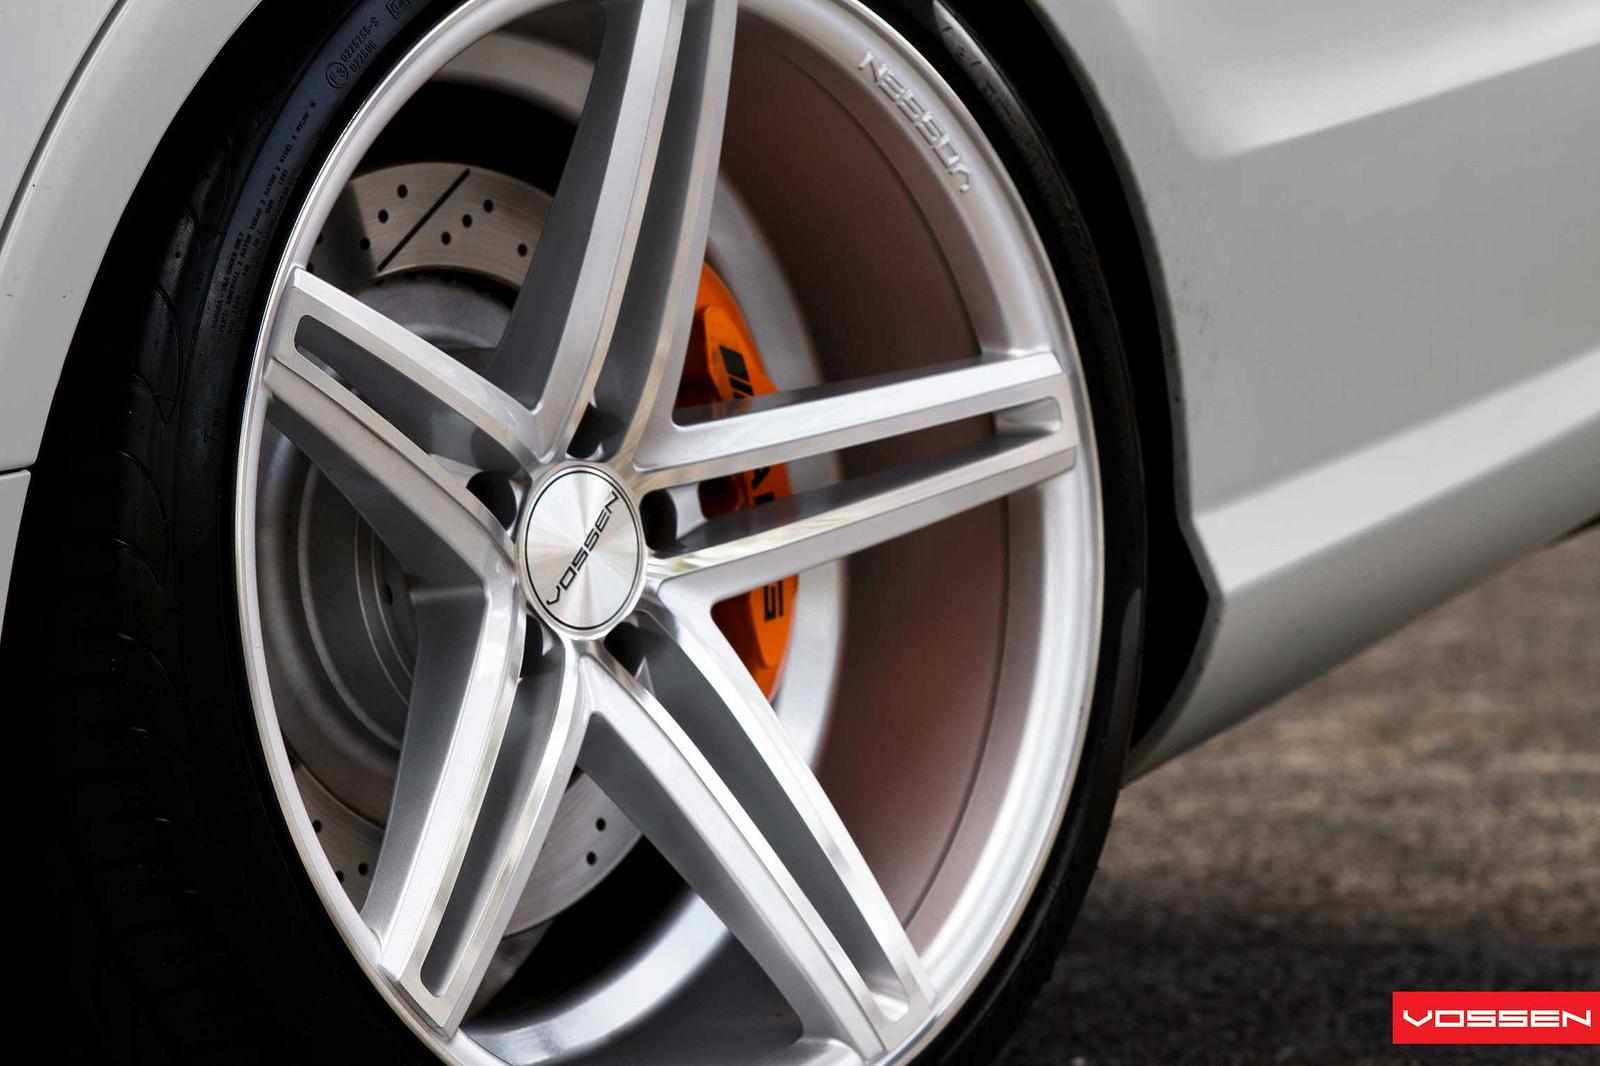 mercedes-benz-cls63-amg-on-vossen-wheels-photo-gallery_8.jpg